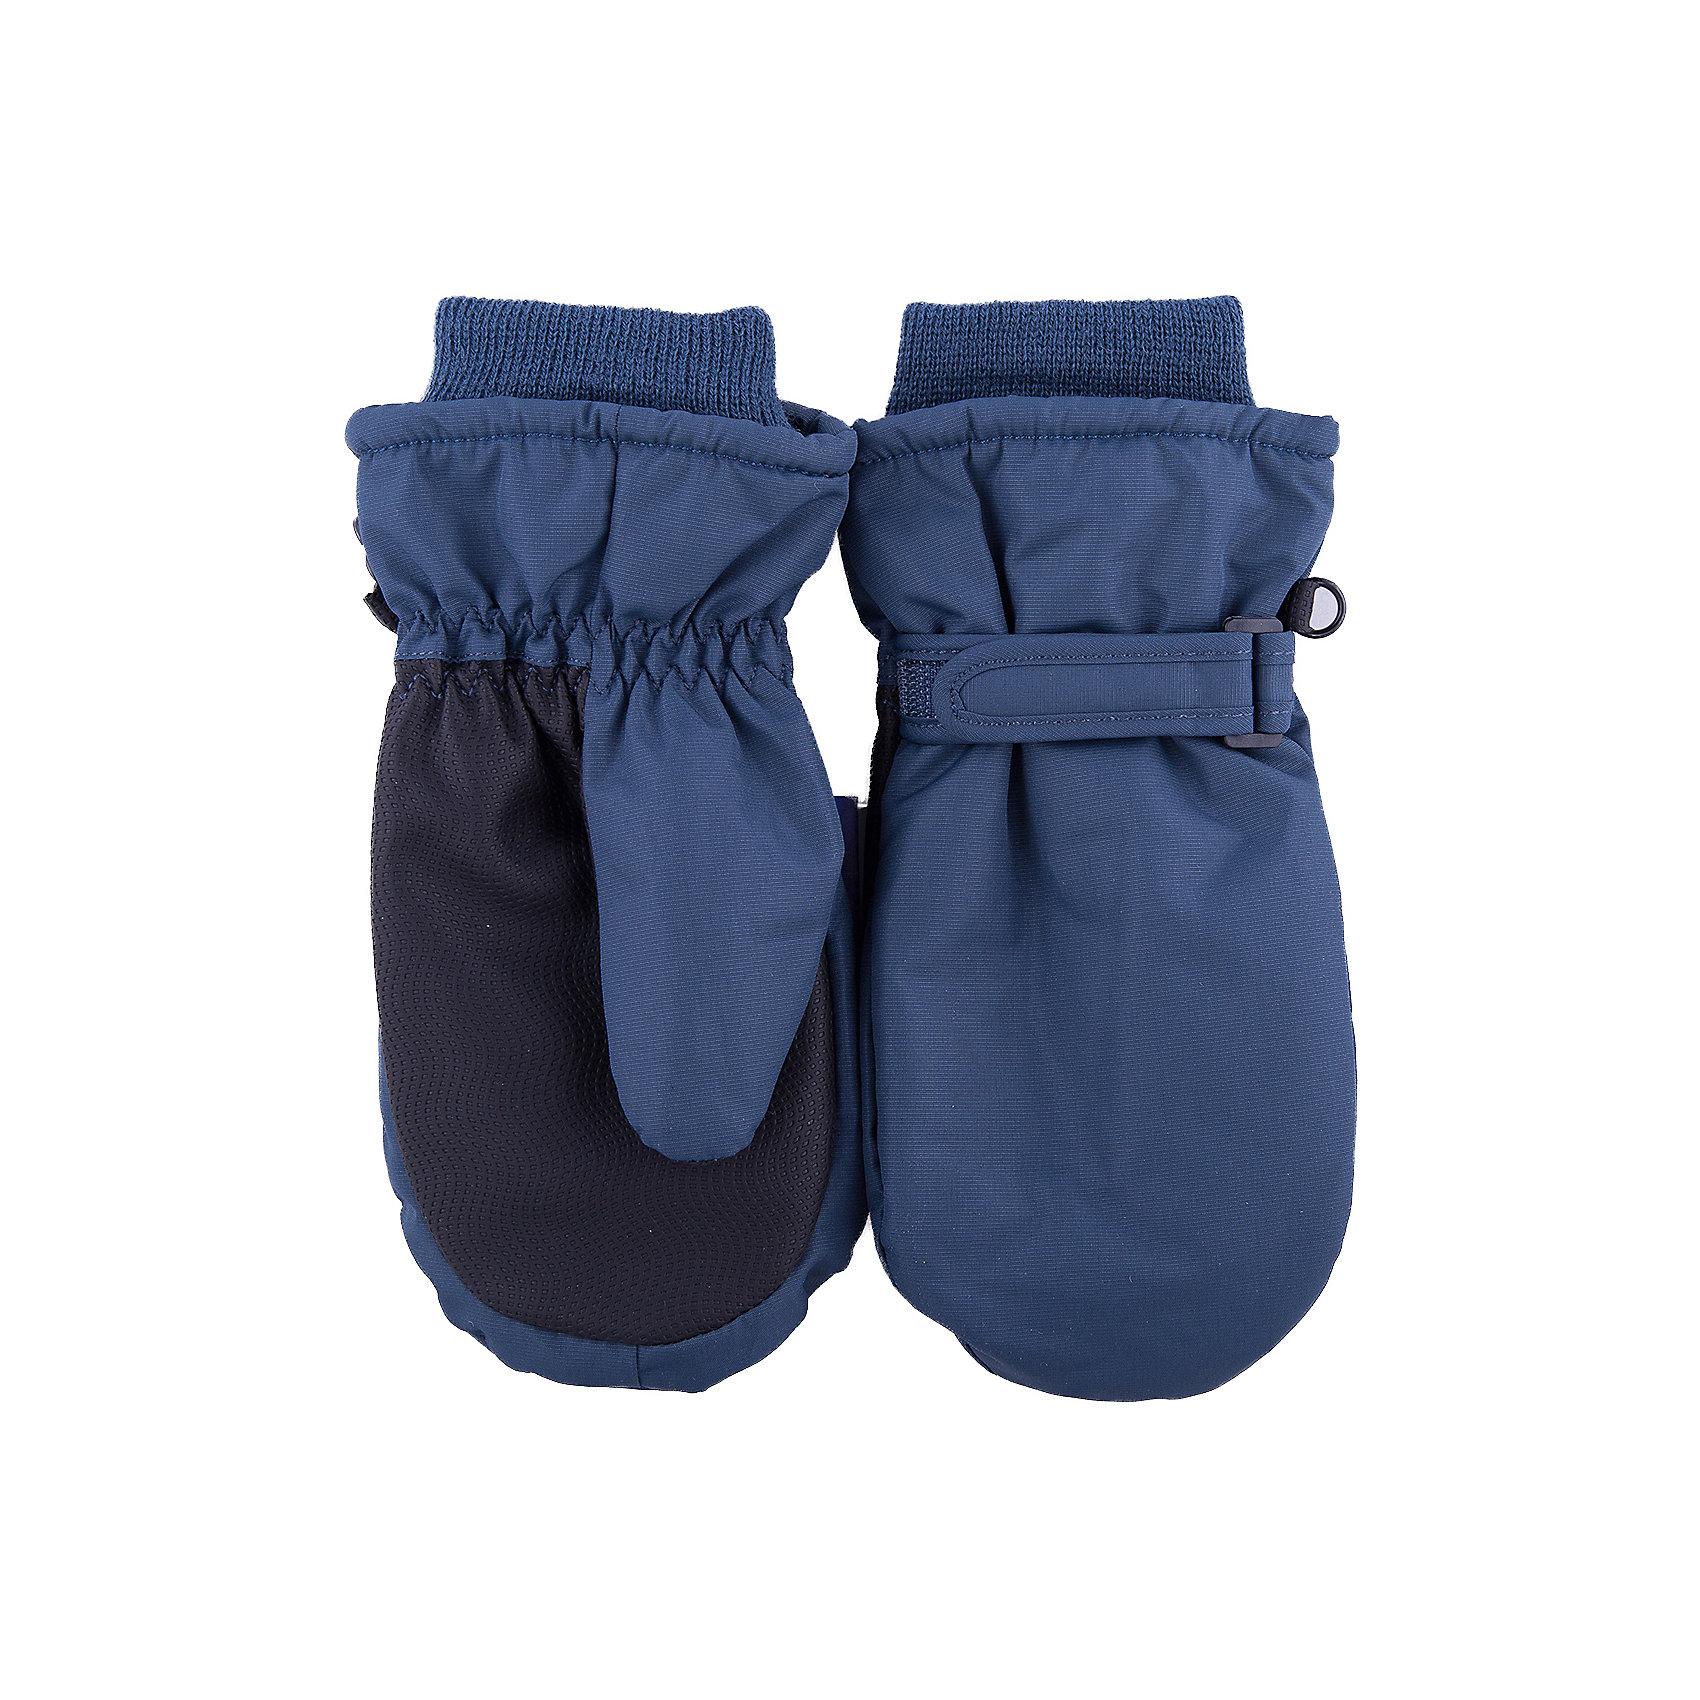 Варежки BUTTON BLUEПерчатки, варежки<br>Варежки BUTTON BLUE <br>Подбирая зимний функциональный гардероб для ребенка, не забудьте купить варежки из плащевки, ведь они - незаменимая вещь для прогулок в морозные дни! Непромокаемая плащевка, утяжка от продувания, протектор для прочности и износостойкости изделия позволят гулять в любую погоду, гарантируя тепло, уют и комфорт.<br>Состав:<br>тк. верха:                        100%полиэстер,                           подкл.:               100%полиэстер, утепл.:         100%полиэстер<br><br>Ширина мм: 162<br>Глубина мм: 171<br>Высота мм: 55<br>Вес г: 119<br>Цвет: серый<br>Возраст от месяцев: 84<br>Возраст до месяцев: 96<br>Пол: Унисекс<br>Возраст: Детский<br>Размер: 18,12,14,16<br>SKU: 7039714